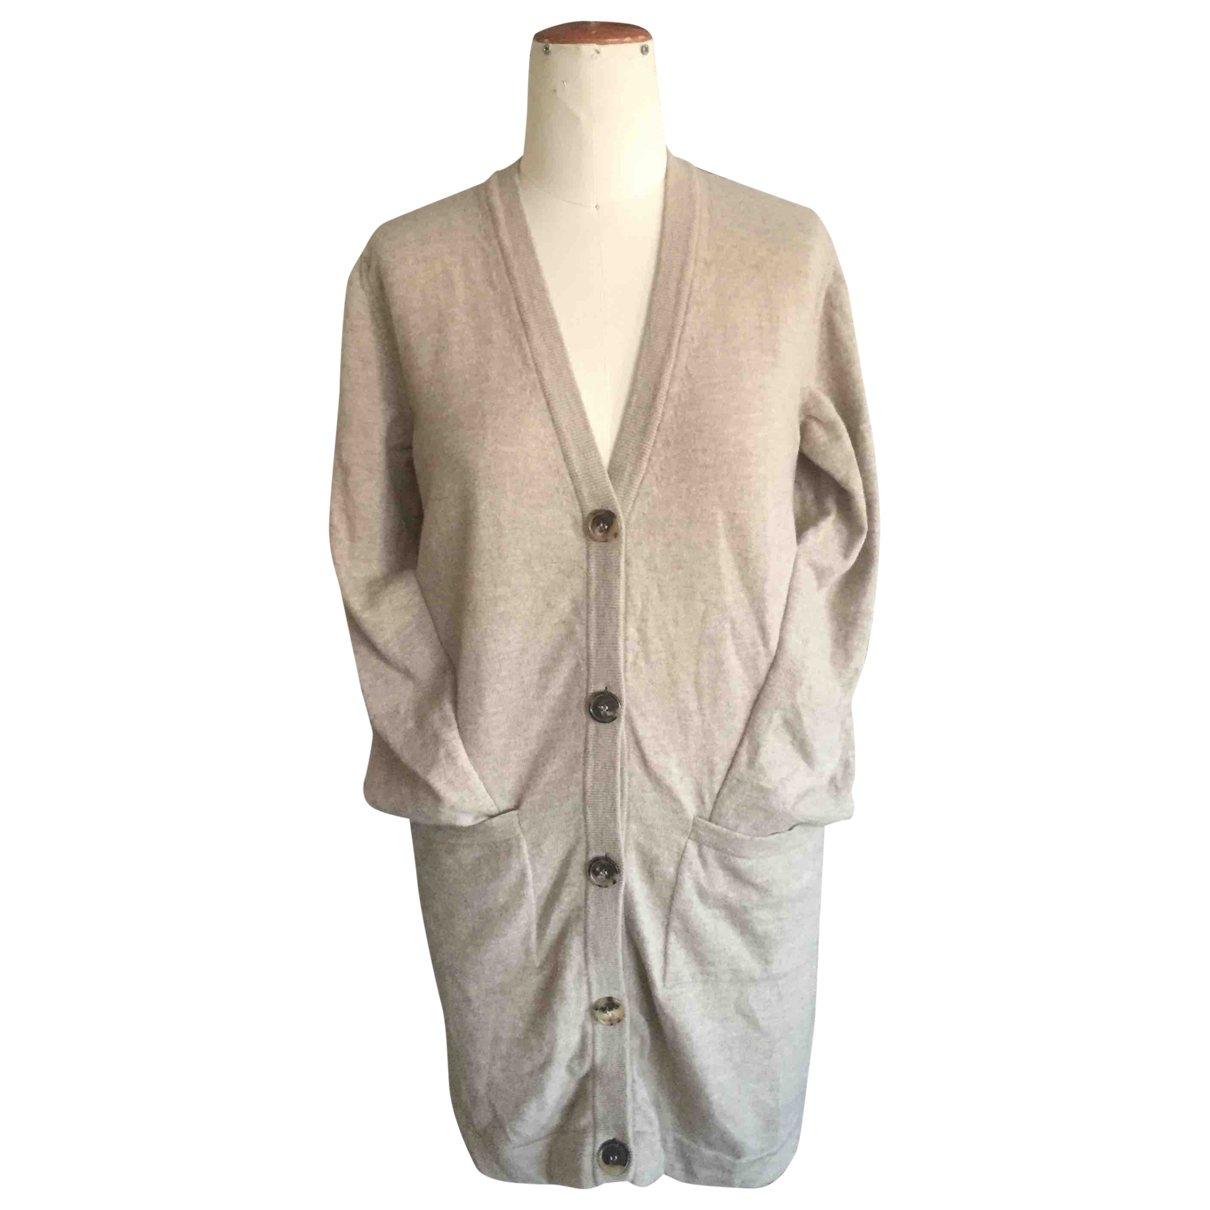 Maison Martin Margiela - Pull   pour femme en laine - beige